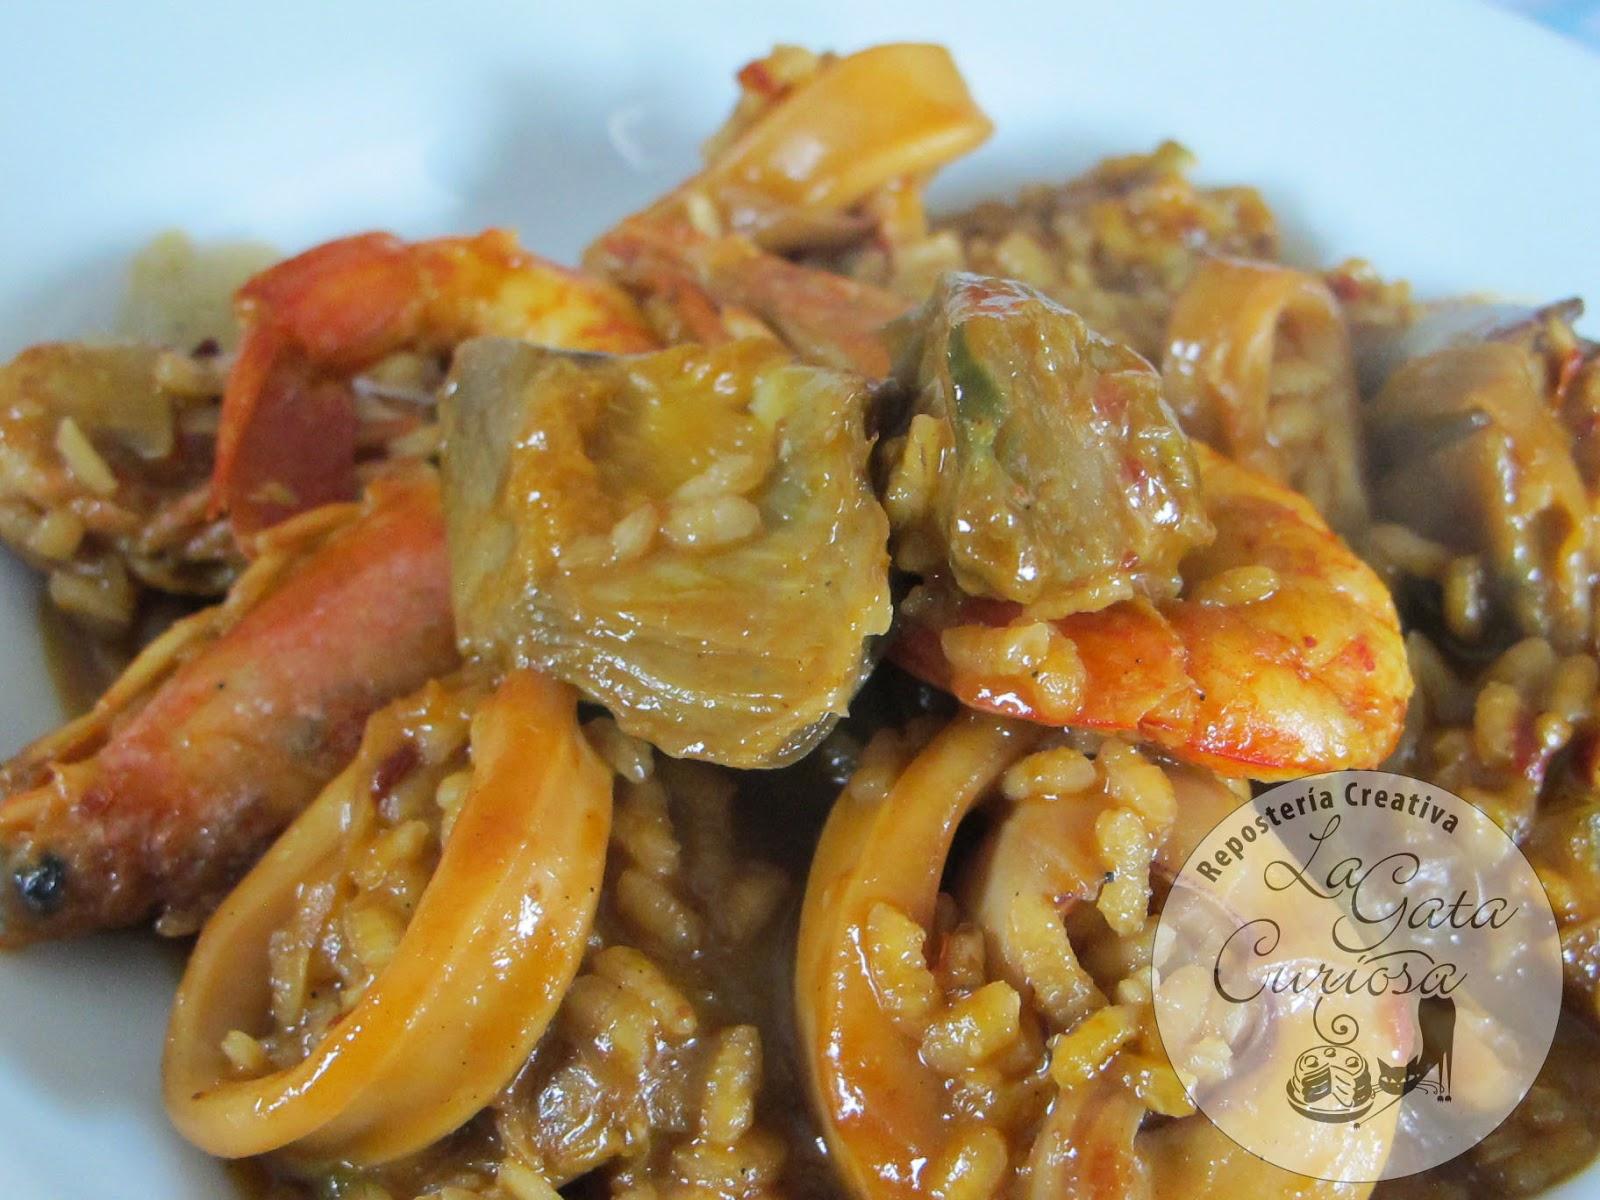 http://www.lagatacuriosa.com/2014/01/arroz-cremoso-con-calamares-gambas-y.html